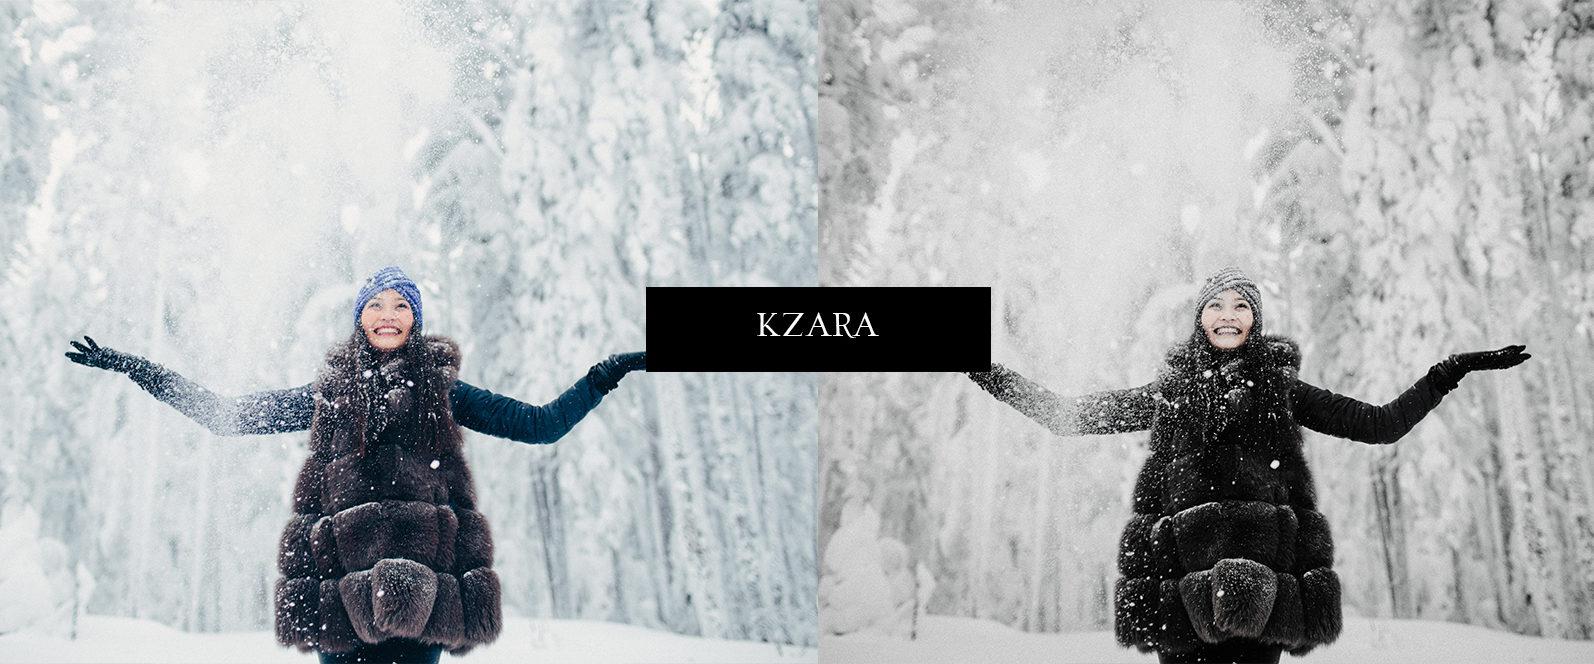 12 x Lightroom Presets, Winter Magic Presets, Outdoor Presets, Gray Tones Presets, Portrait Presets - Winter Magic Preview 1 -